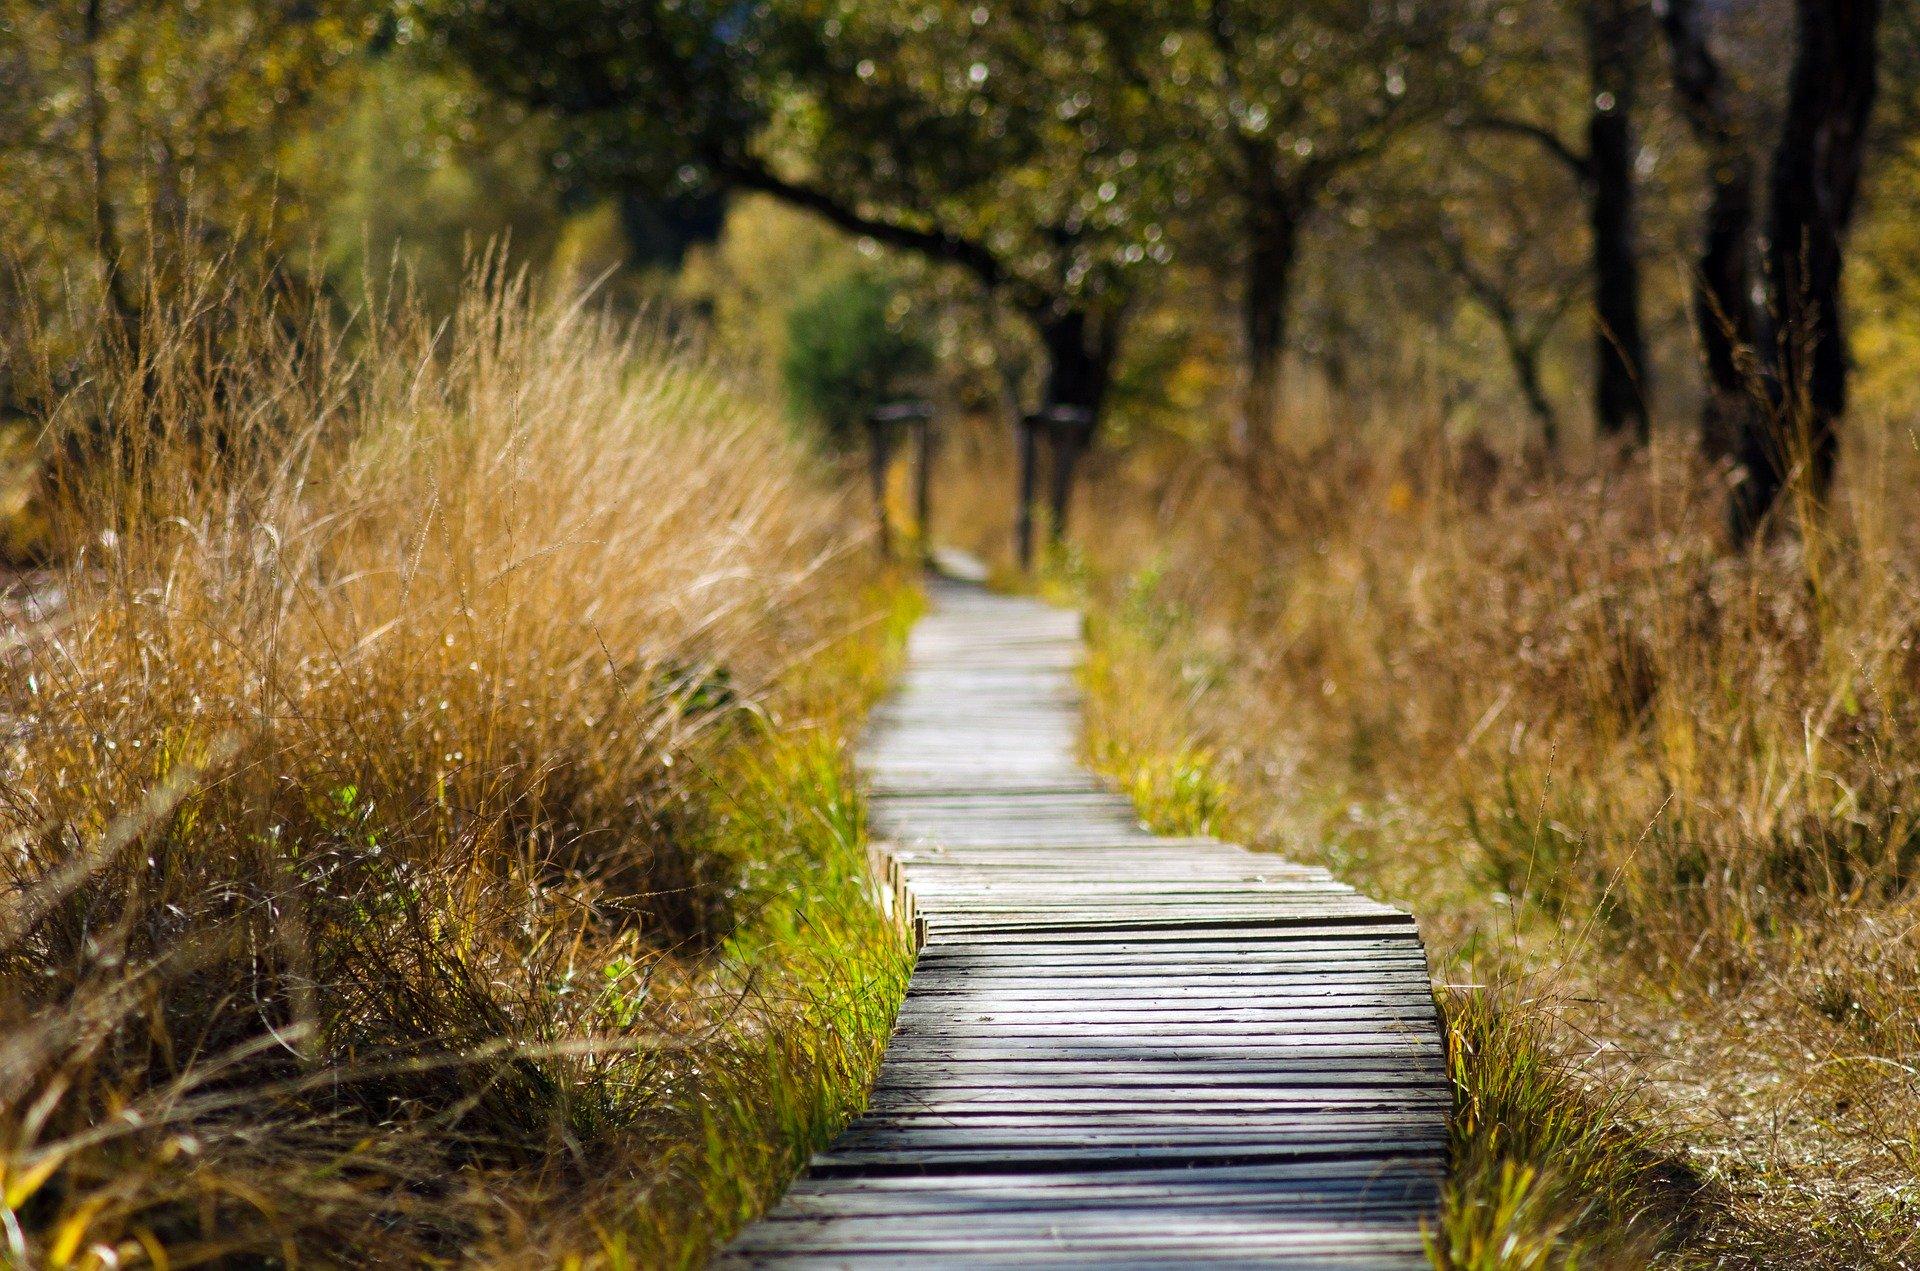 Экологический туризм: экотропа в лесу